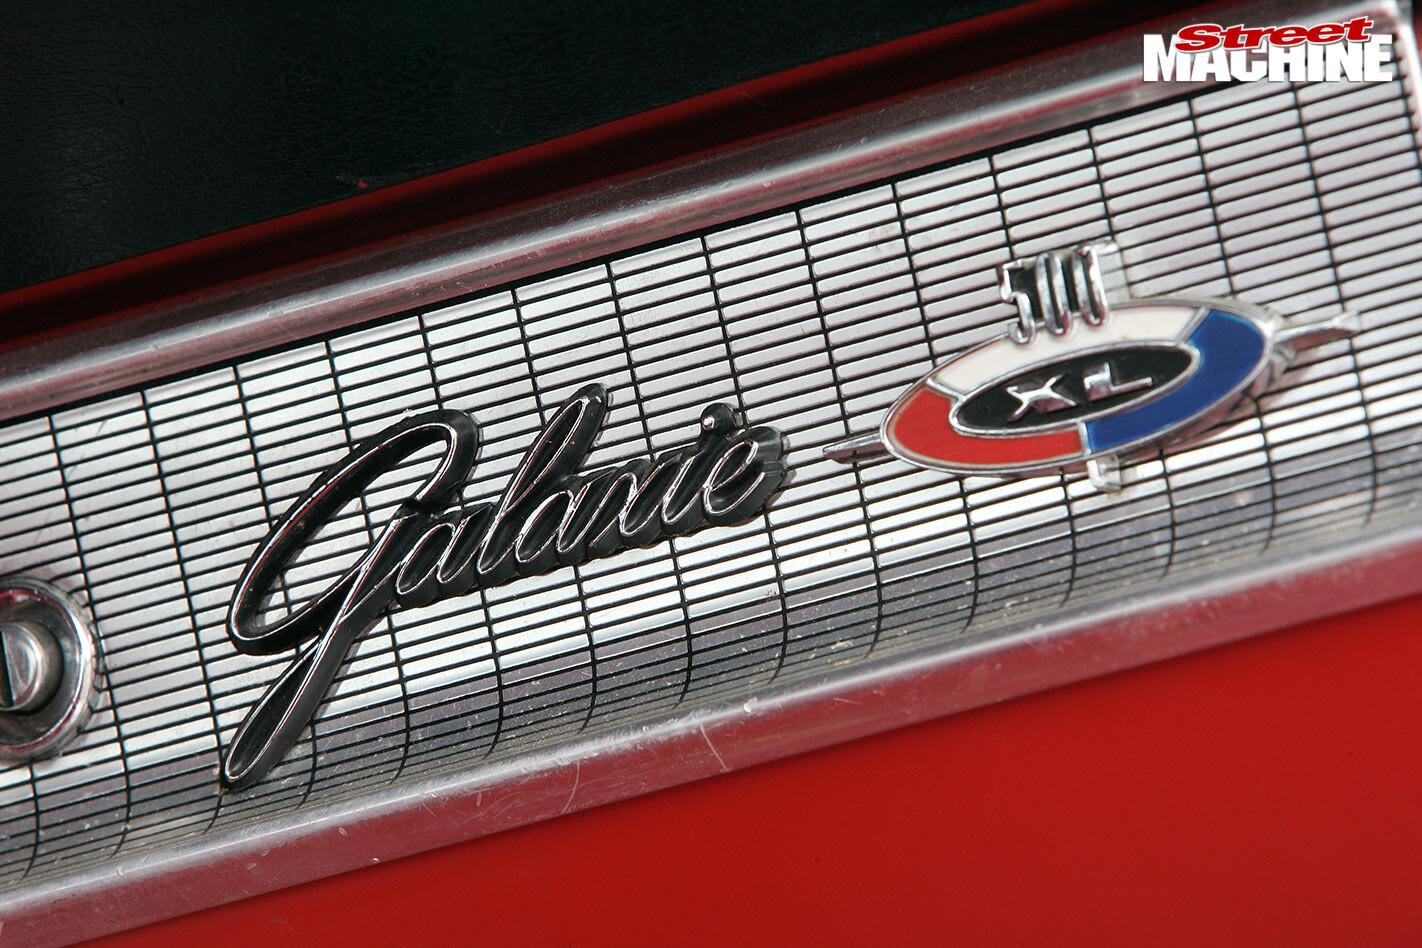 Ford Galaxie XL500 dash